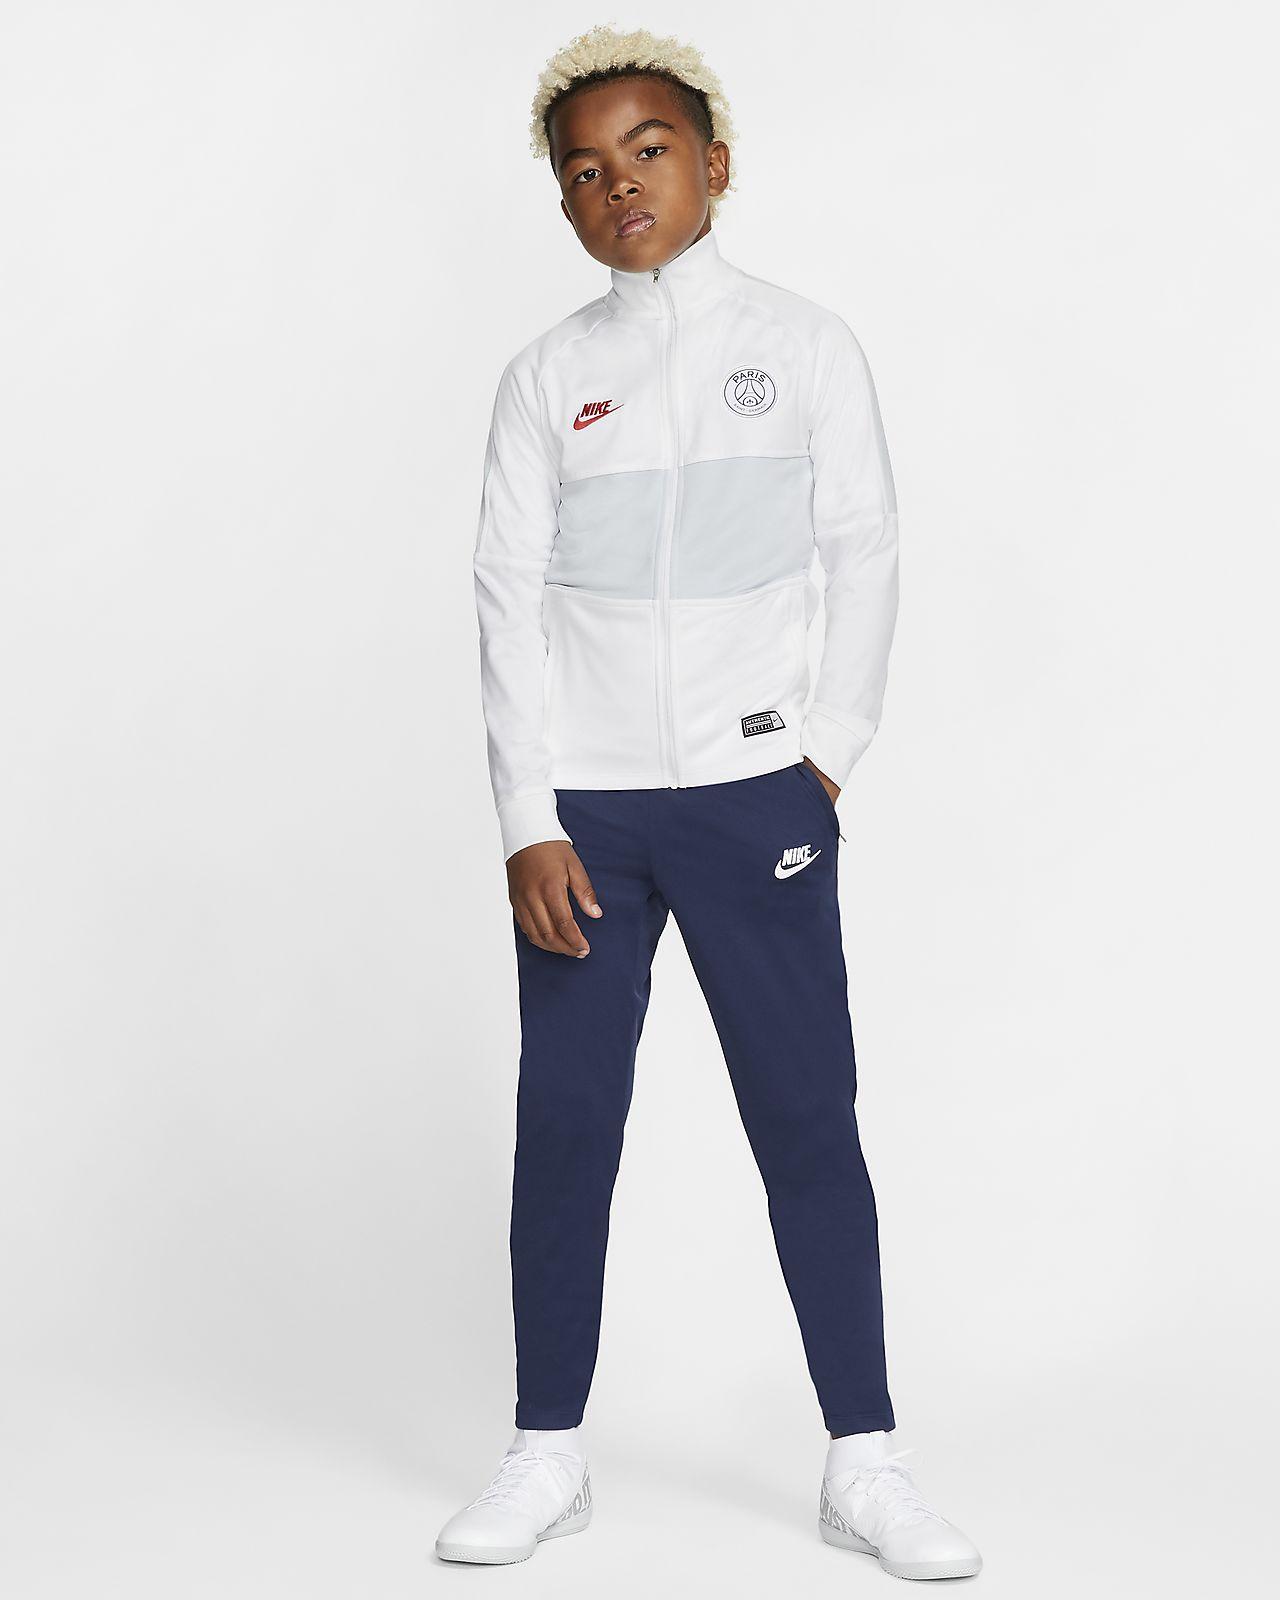 Ποδοσφαιρική φόρμα Nike Dri-FIT Paris Saint-Germain Strike για μεγάλα παιδιά